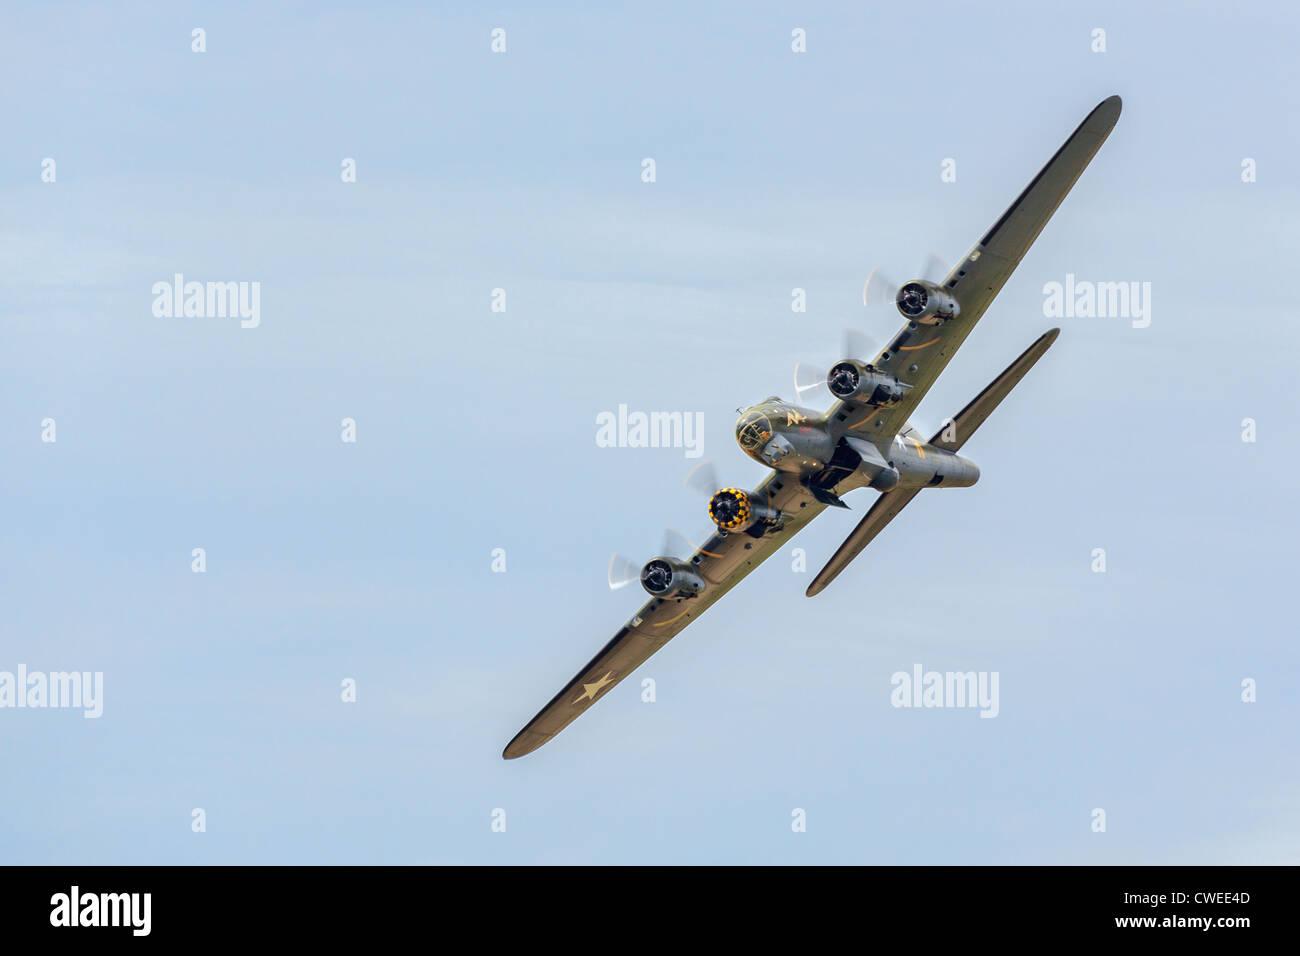 Memphis Belle Boeing B 17 bomber flying over Shoreham airfield Stock Photo